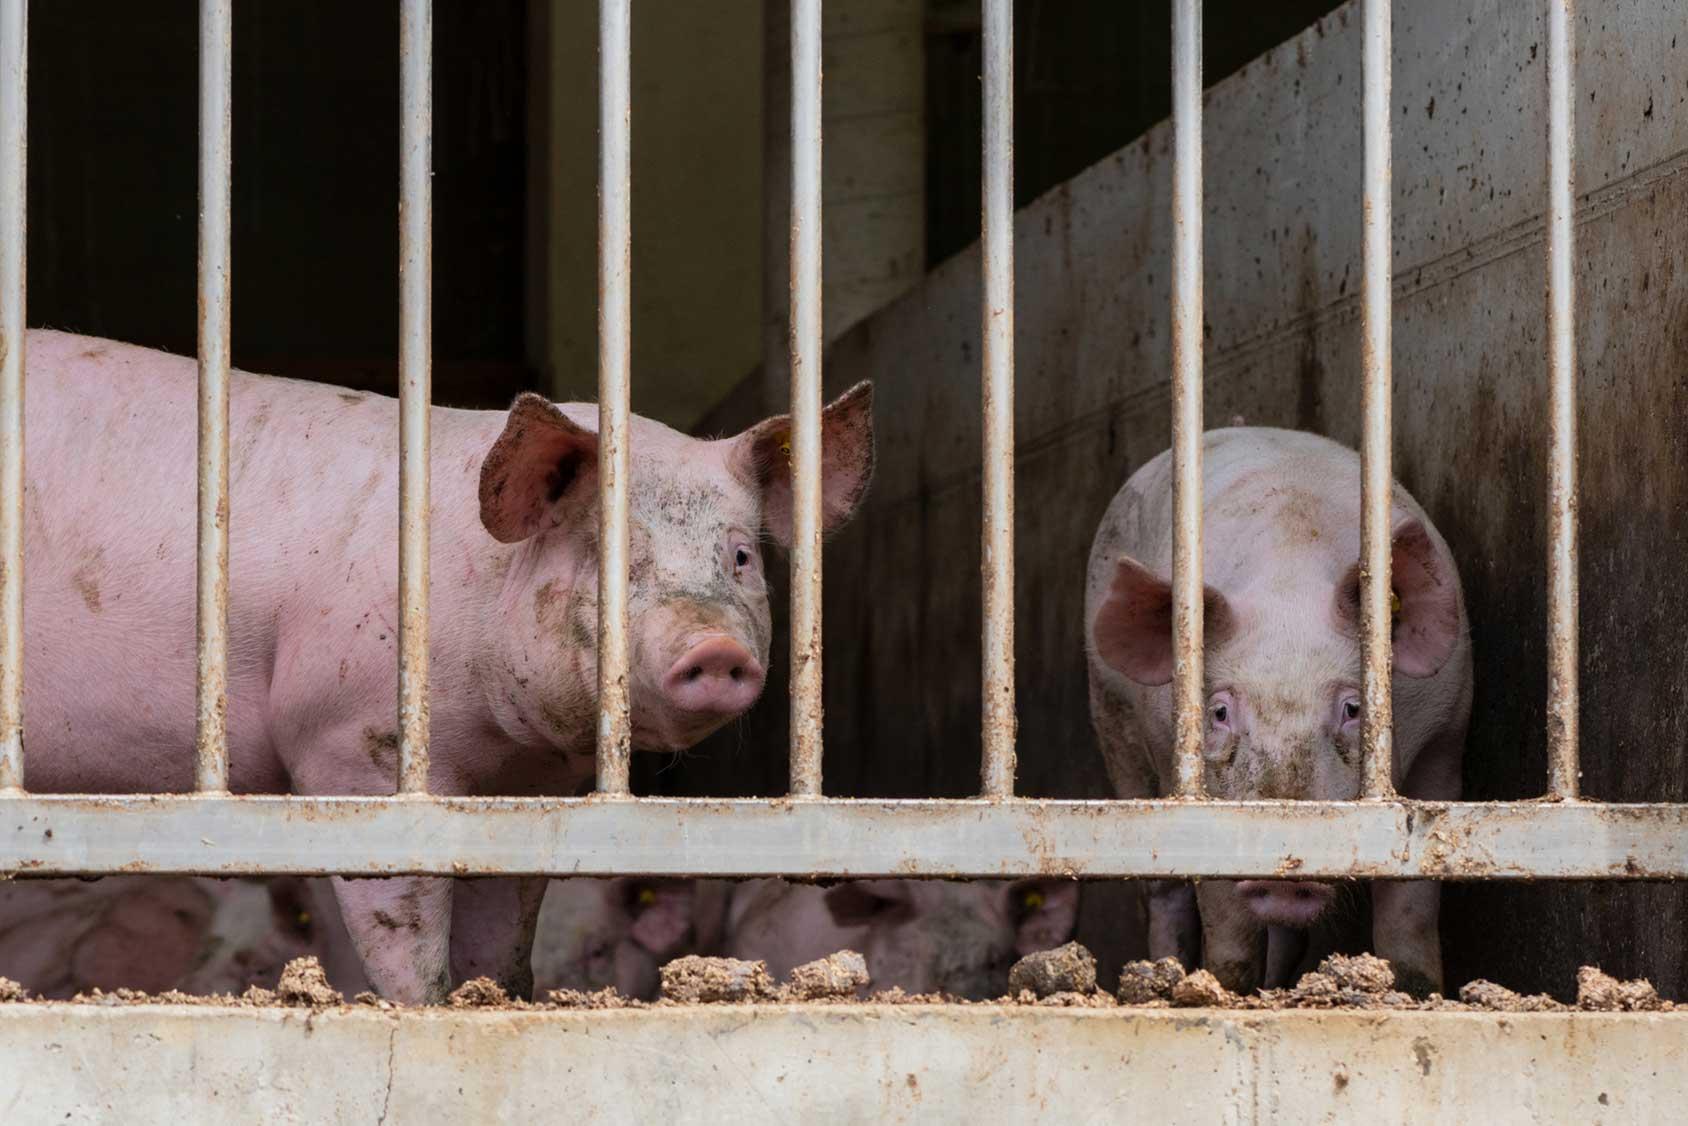 Tiertransporte ohne Rücksicht auf Tierrechte